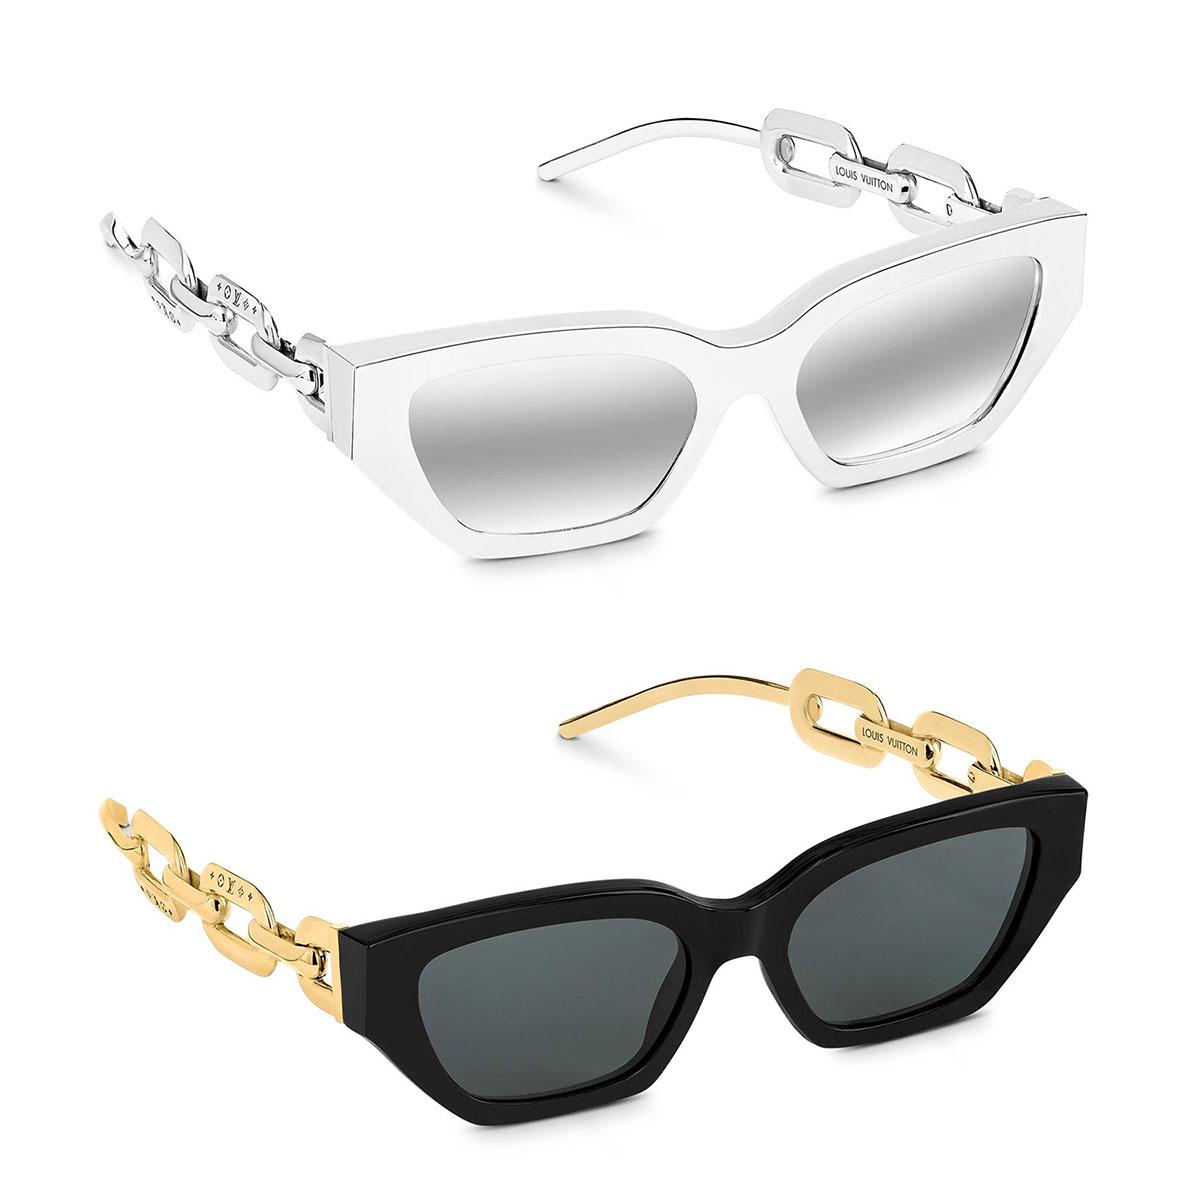 6 mắt kính, trang sức logomania hot nhất từ Louis Vuitton mùa hè 2021 1